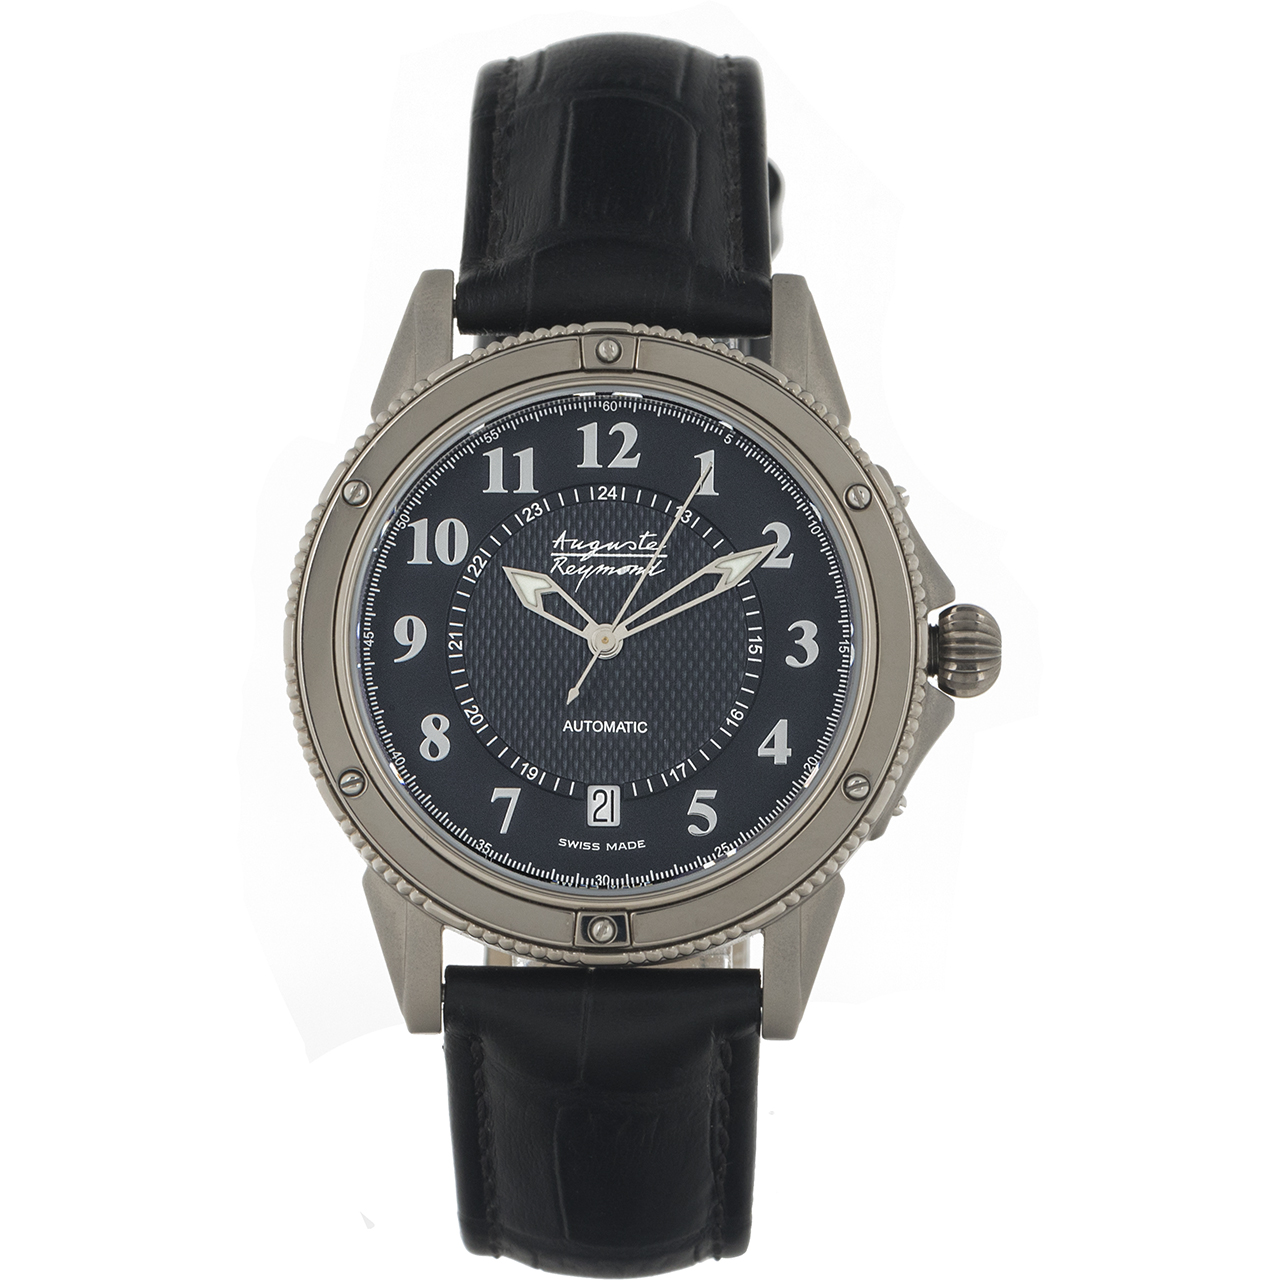 ساعت مچی عقربه ای مردانه آگوست ریموند مدلM-89B700-20U